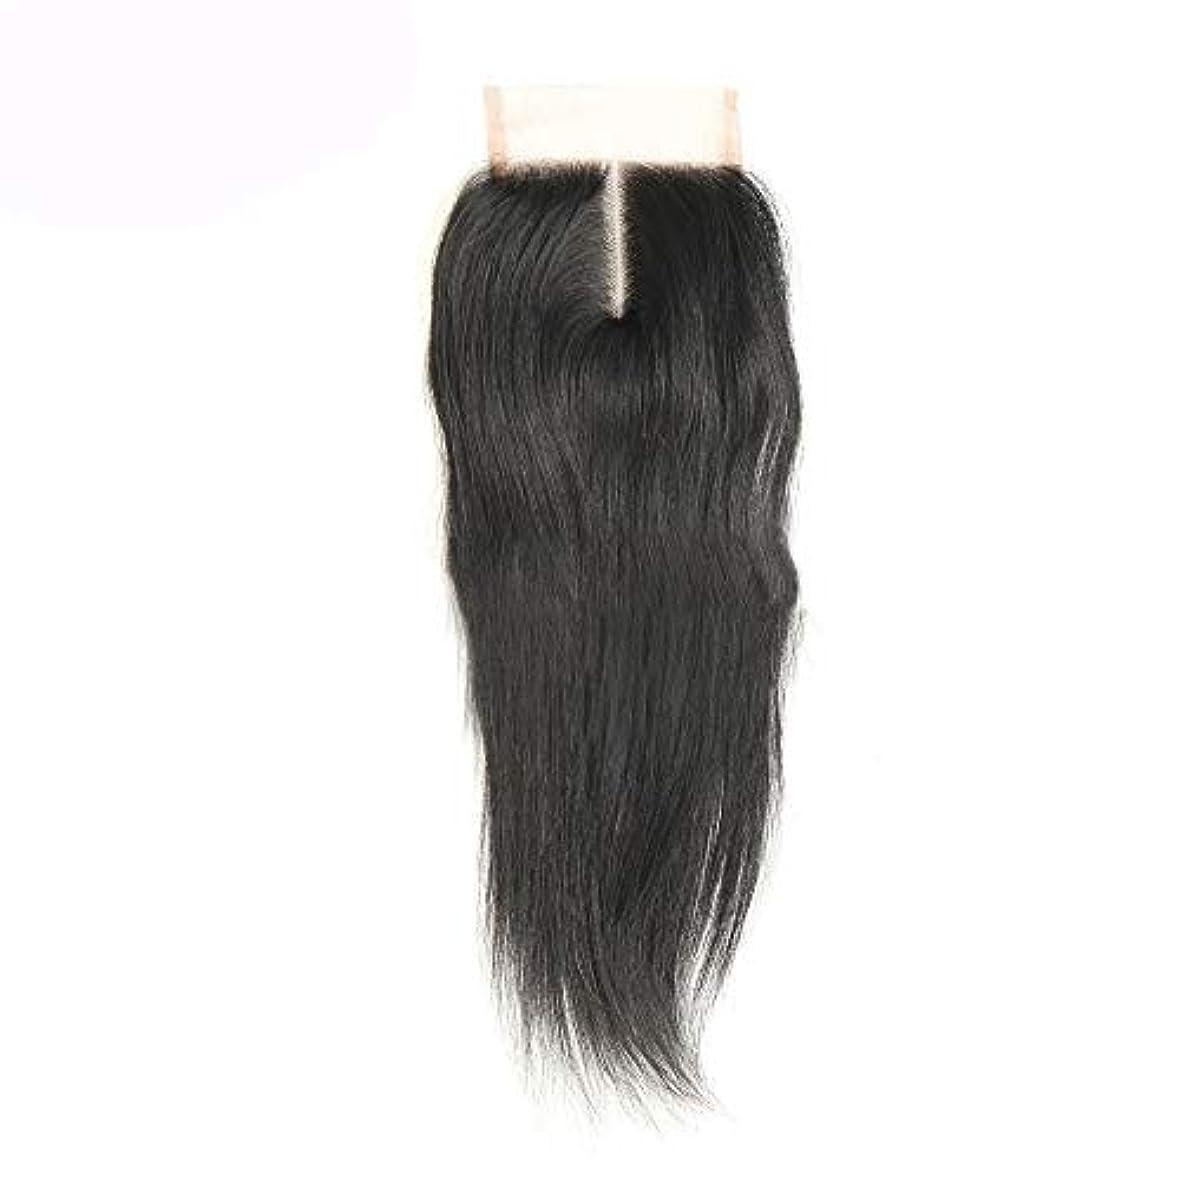 影ディレクター愛情WASAIO 中部ストレートレース閉鎖ブラジル人間の髪の毛の閉鎖 (色 : 黒, サイズ : 8 inch)